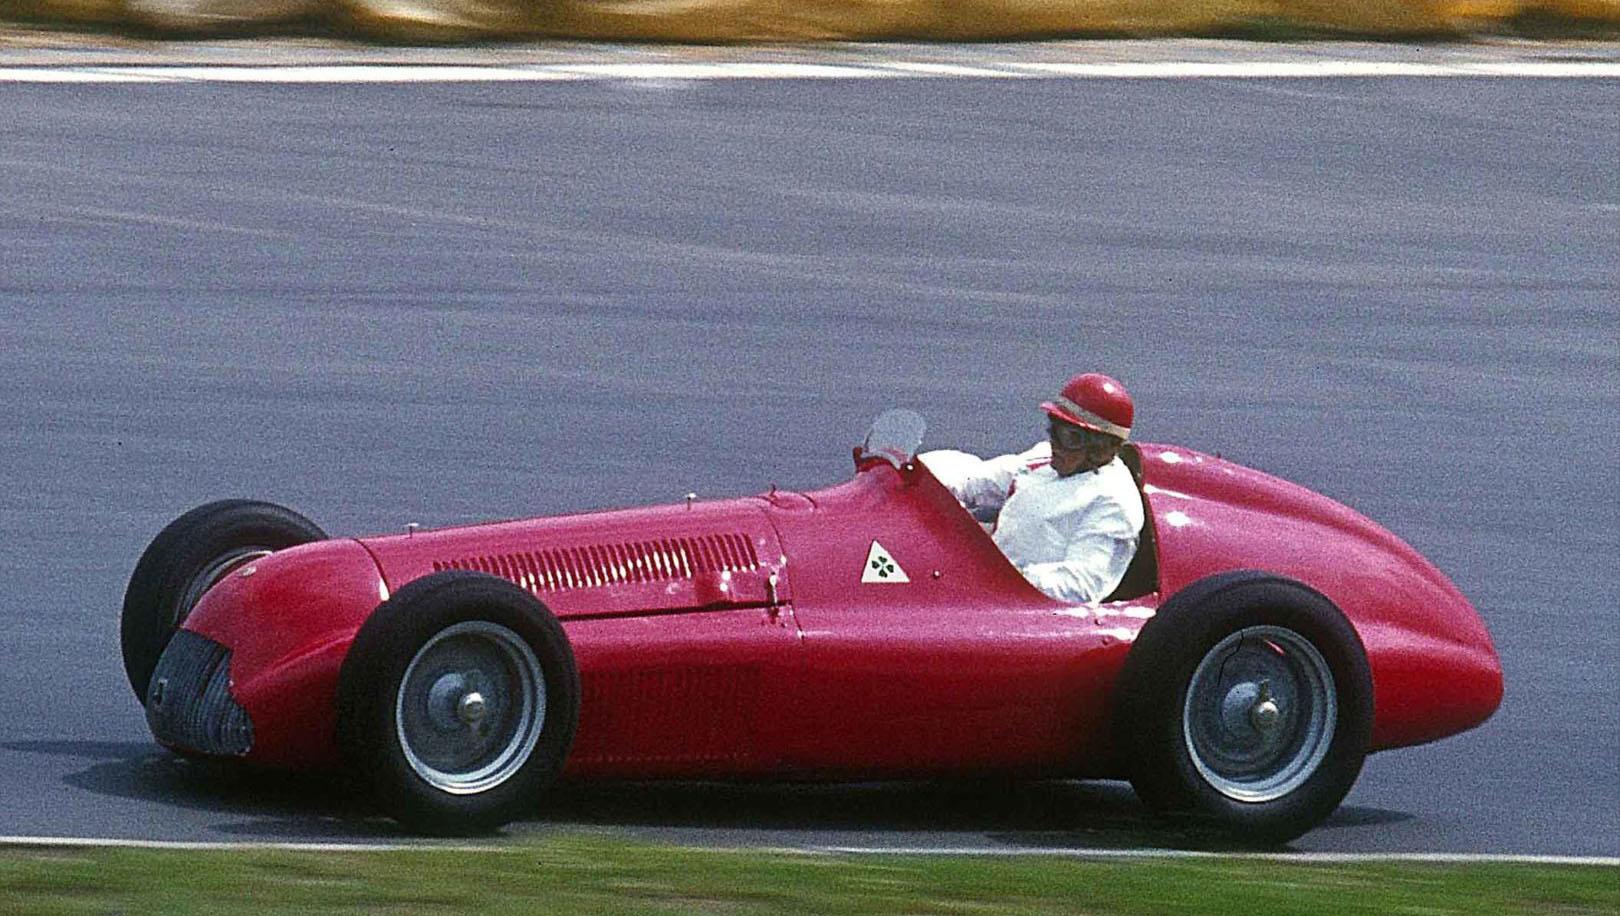 Alfa Romeo 159 Formula 1